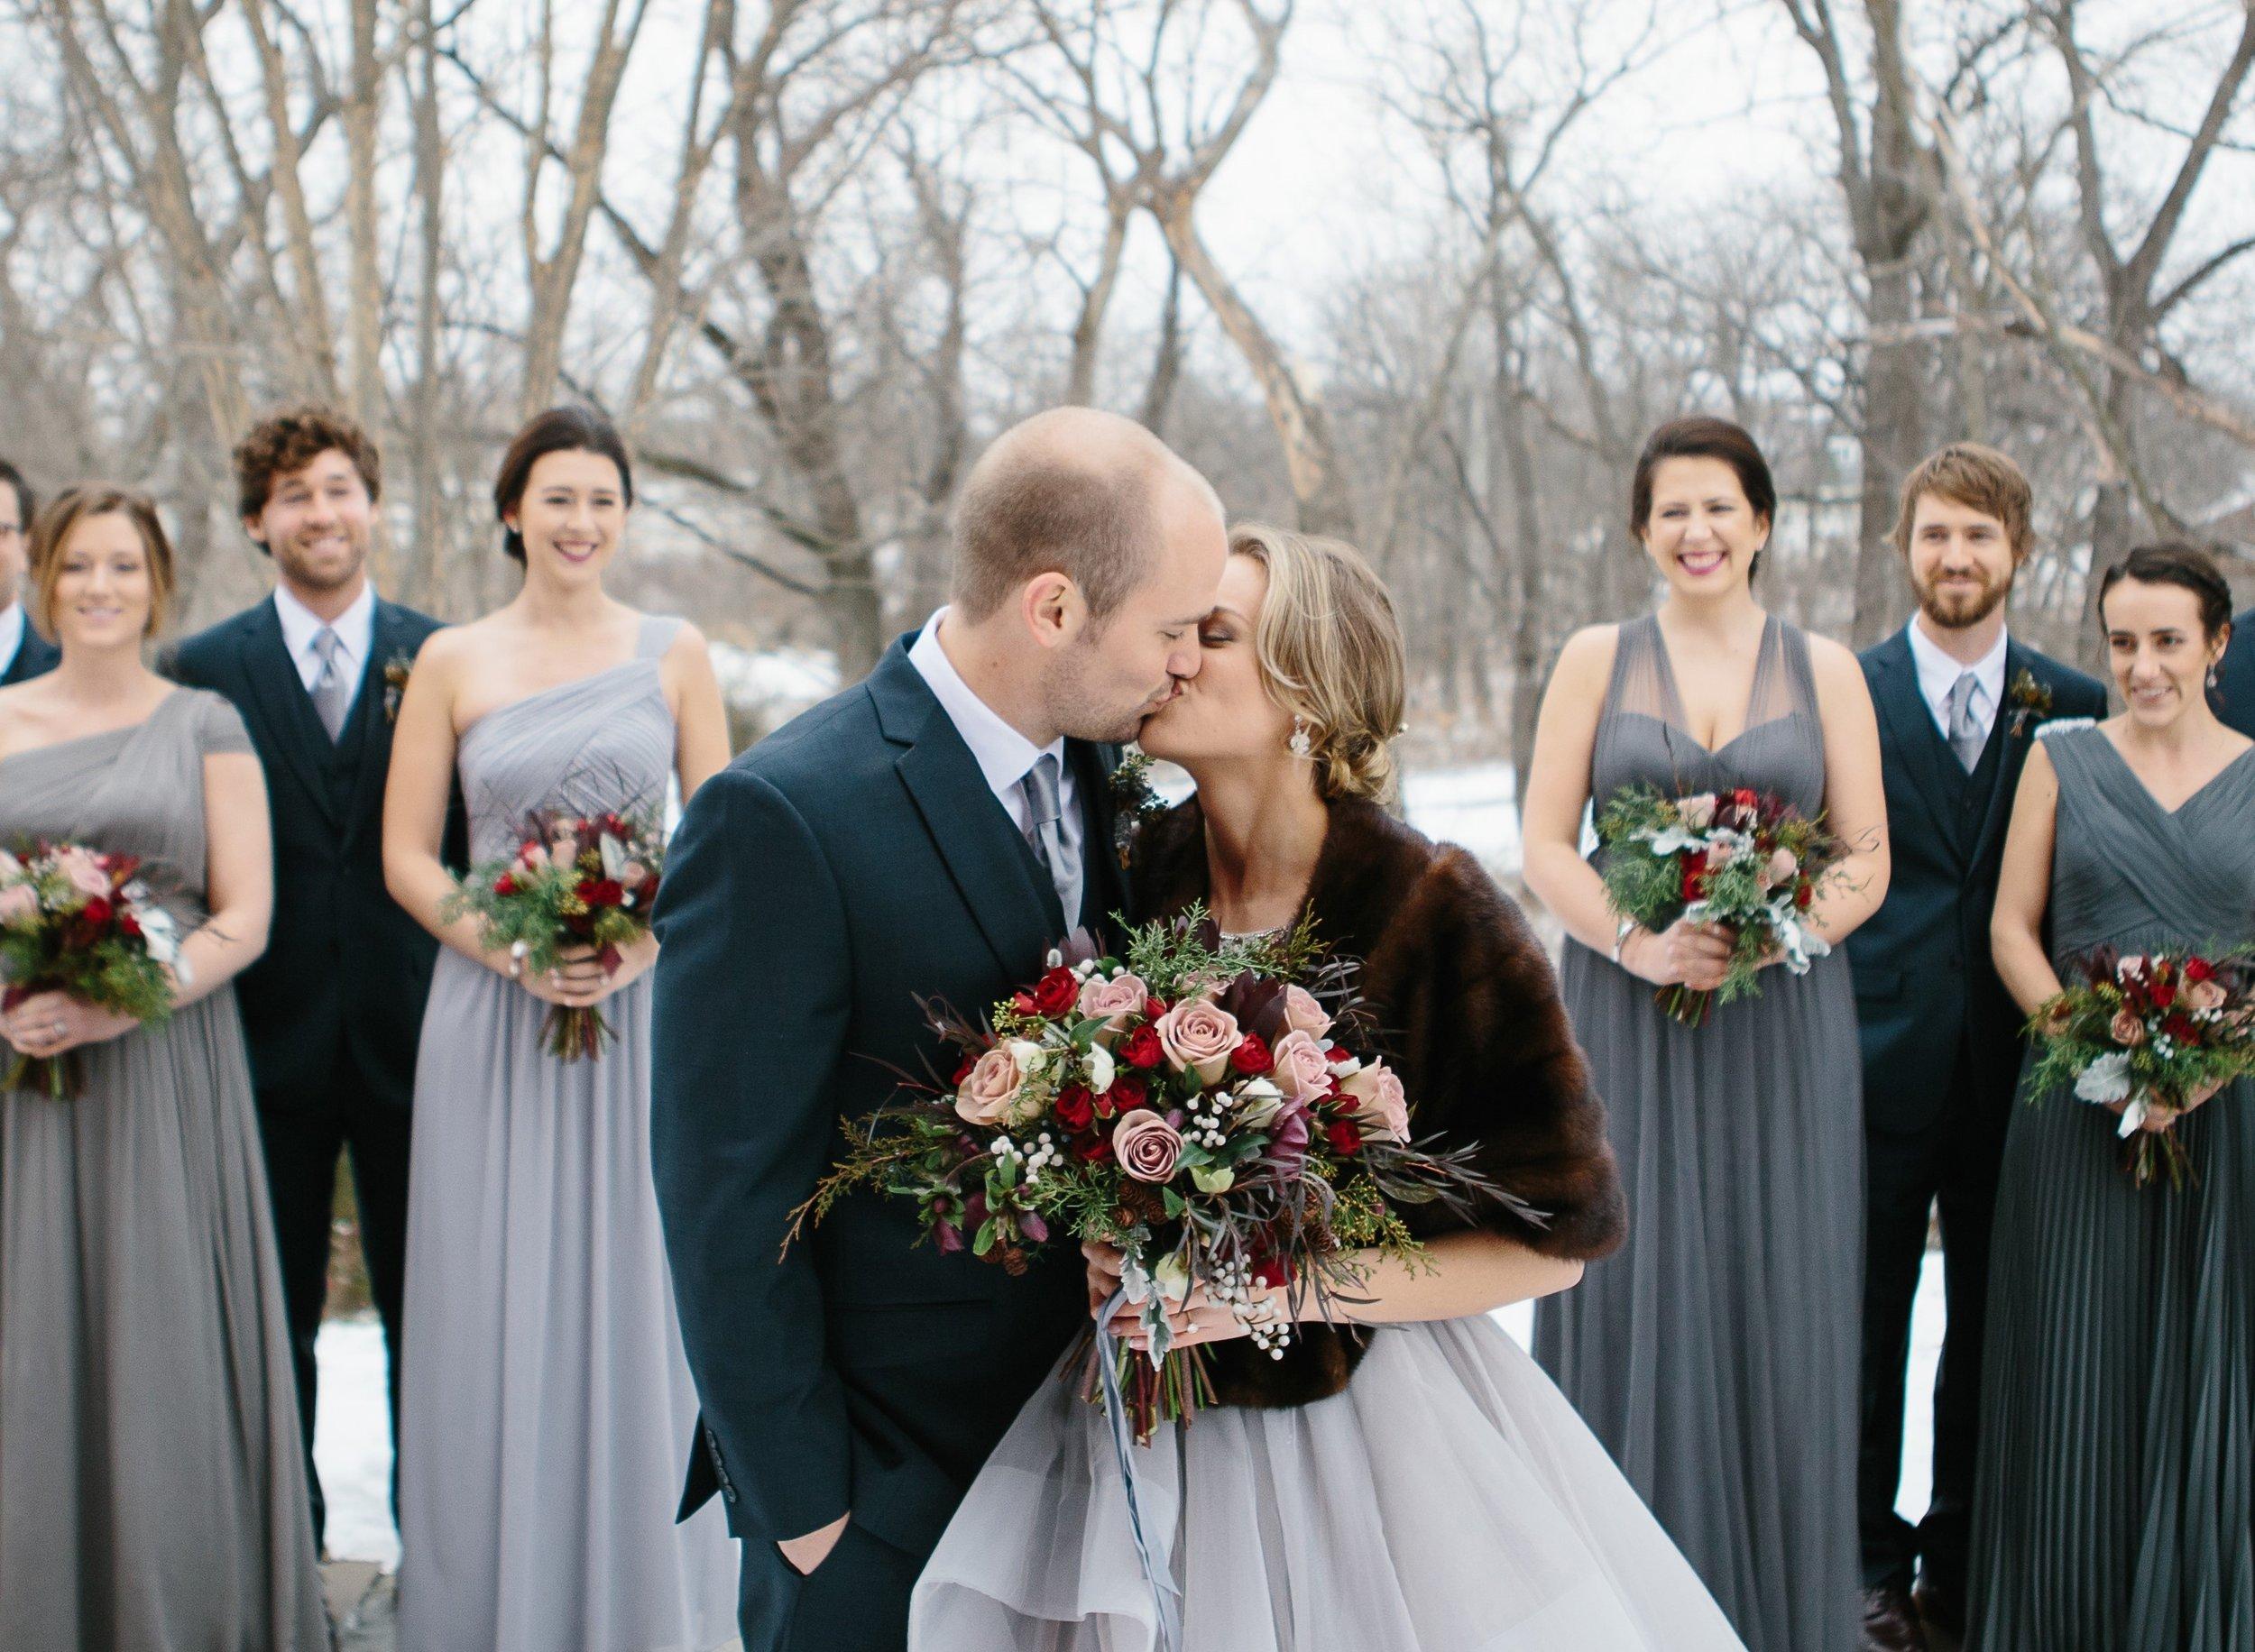 Shane and Sarah Wedding 156 c (3).jpg